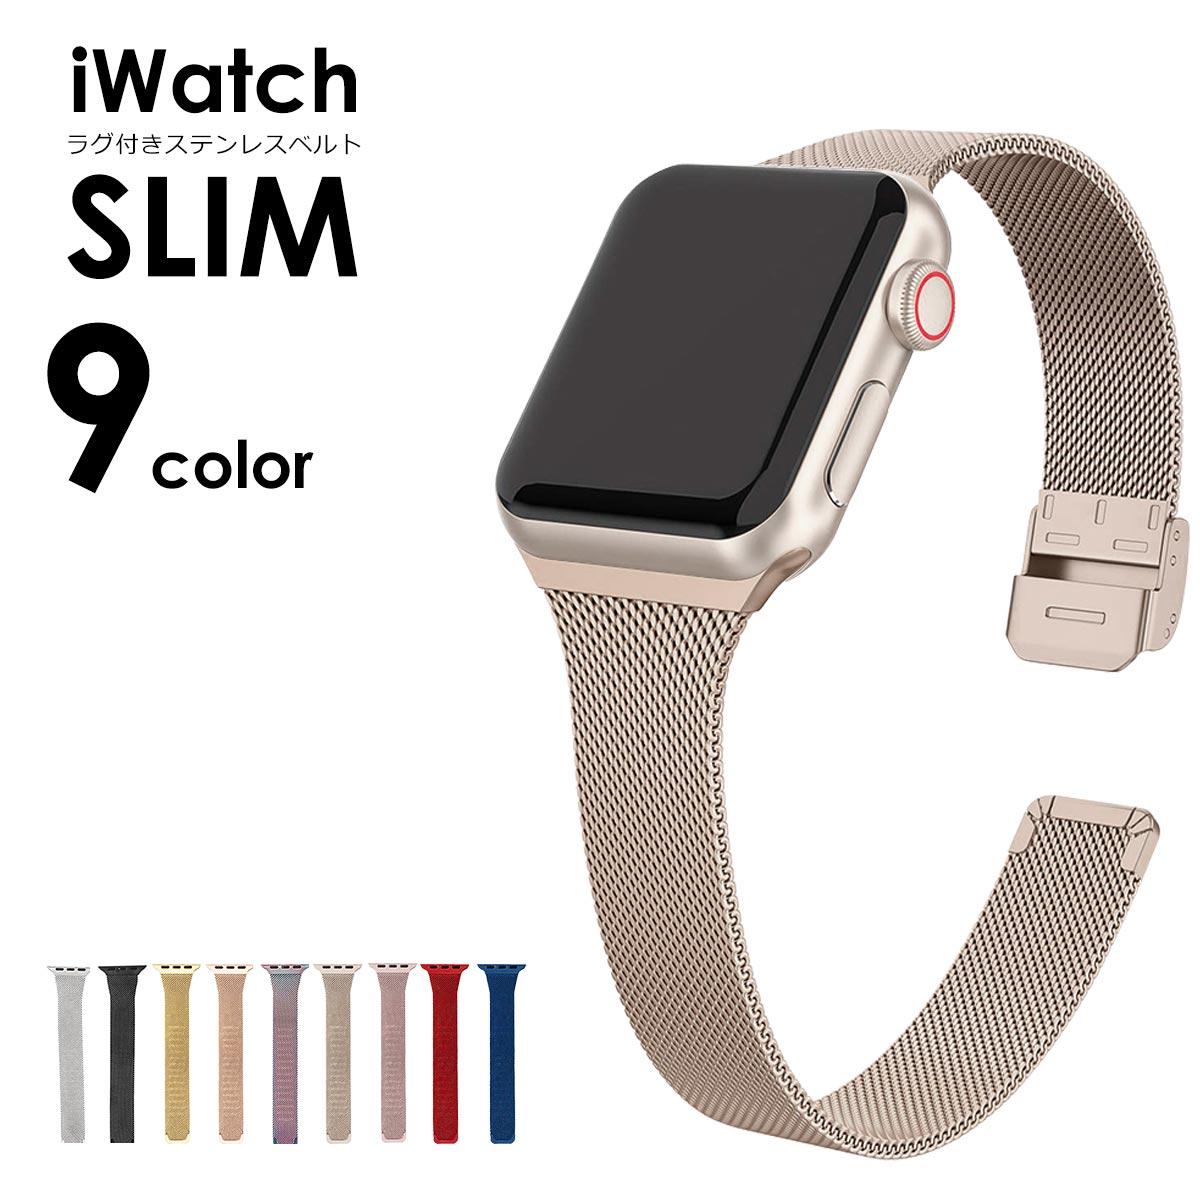 腕時計用アクセサリー, 腕時計用ベルト・バンド  Apple Watch 38mm 40mm 42mm 44mm AppleWatch series 6 5 4 3 2 1 SE